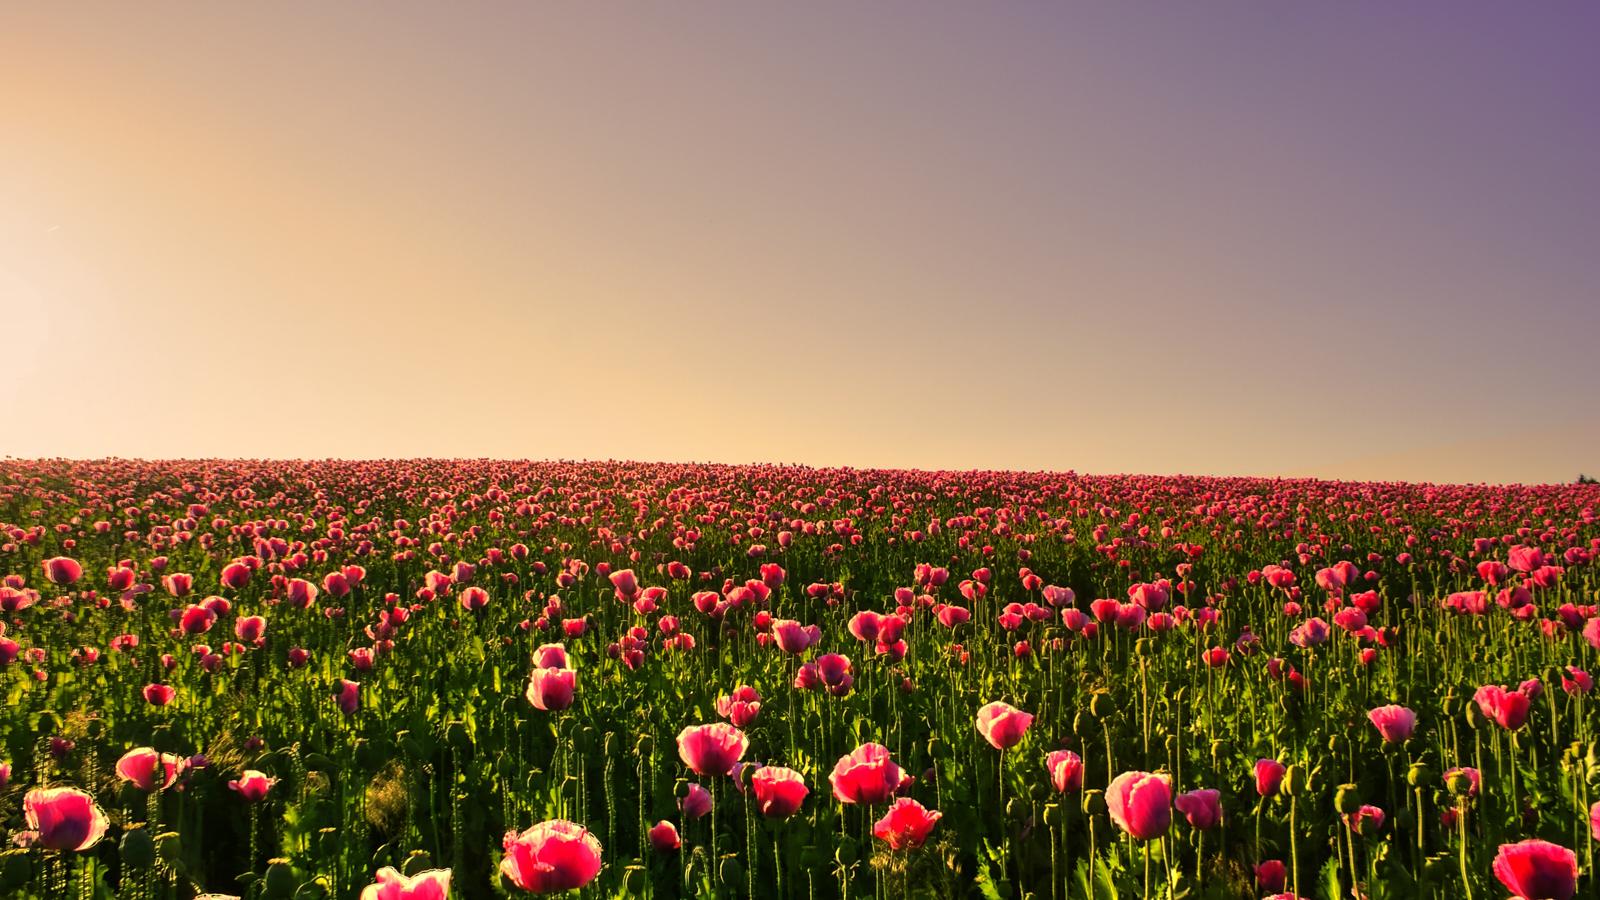 Tipstips kesehatan untuk anda 30 Wallpaper Bunga Paling